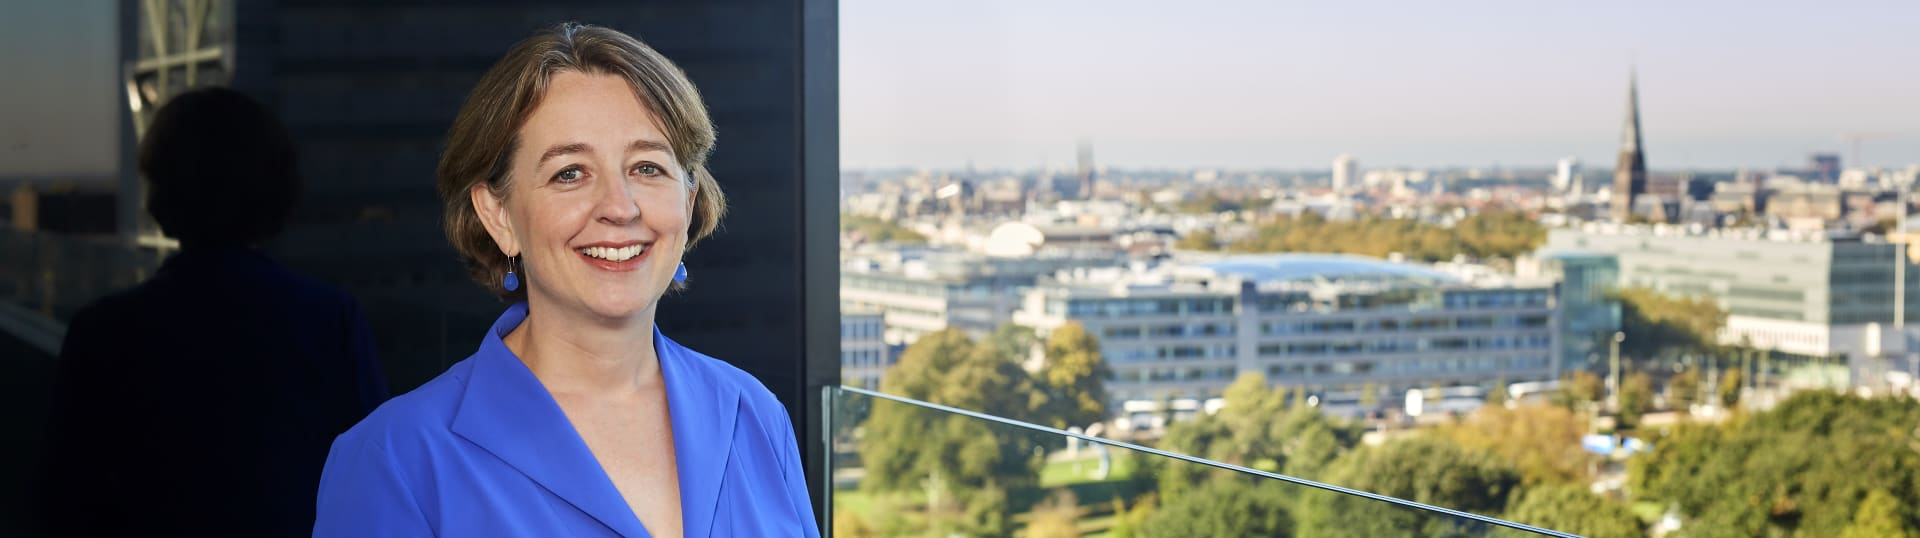 Elisabeth Pietermaat, advocaat Pels Rijcken